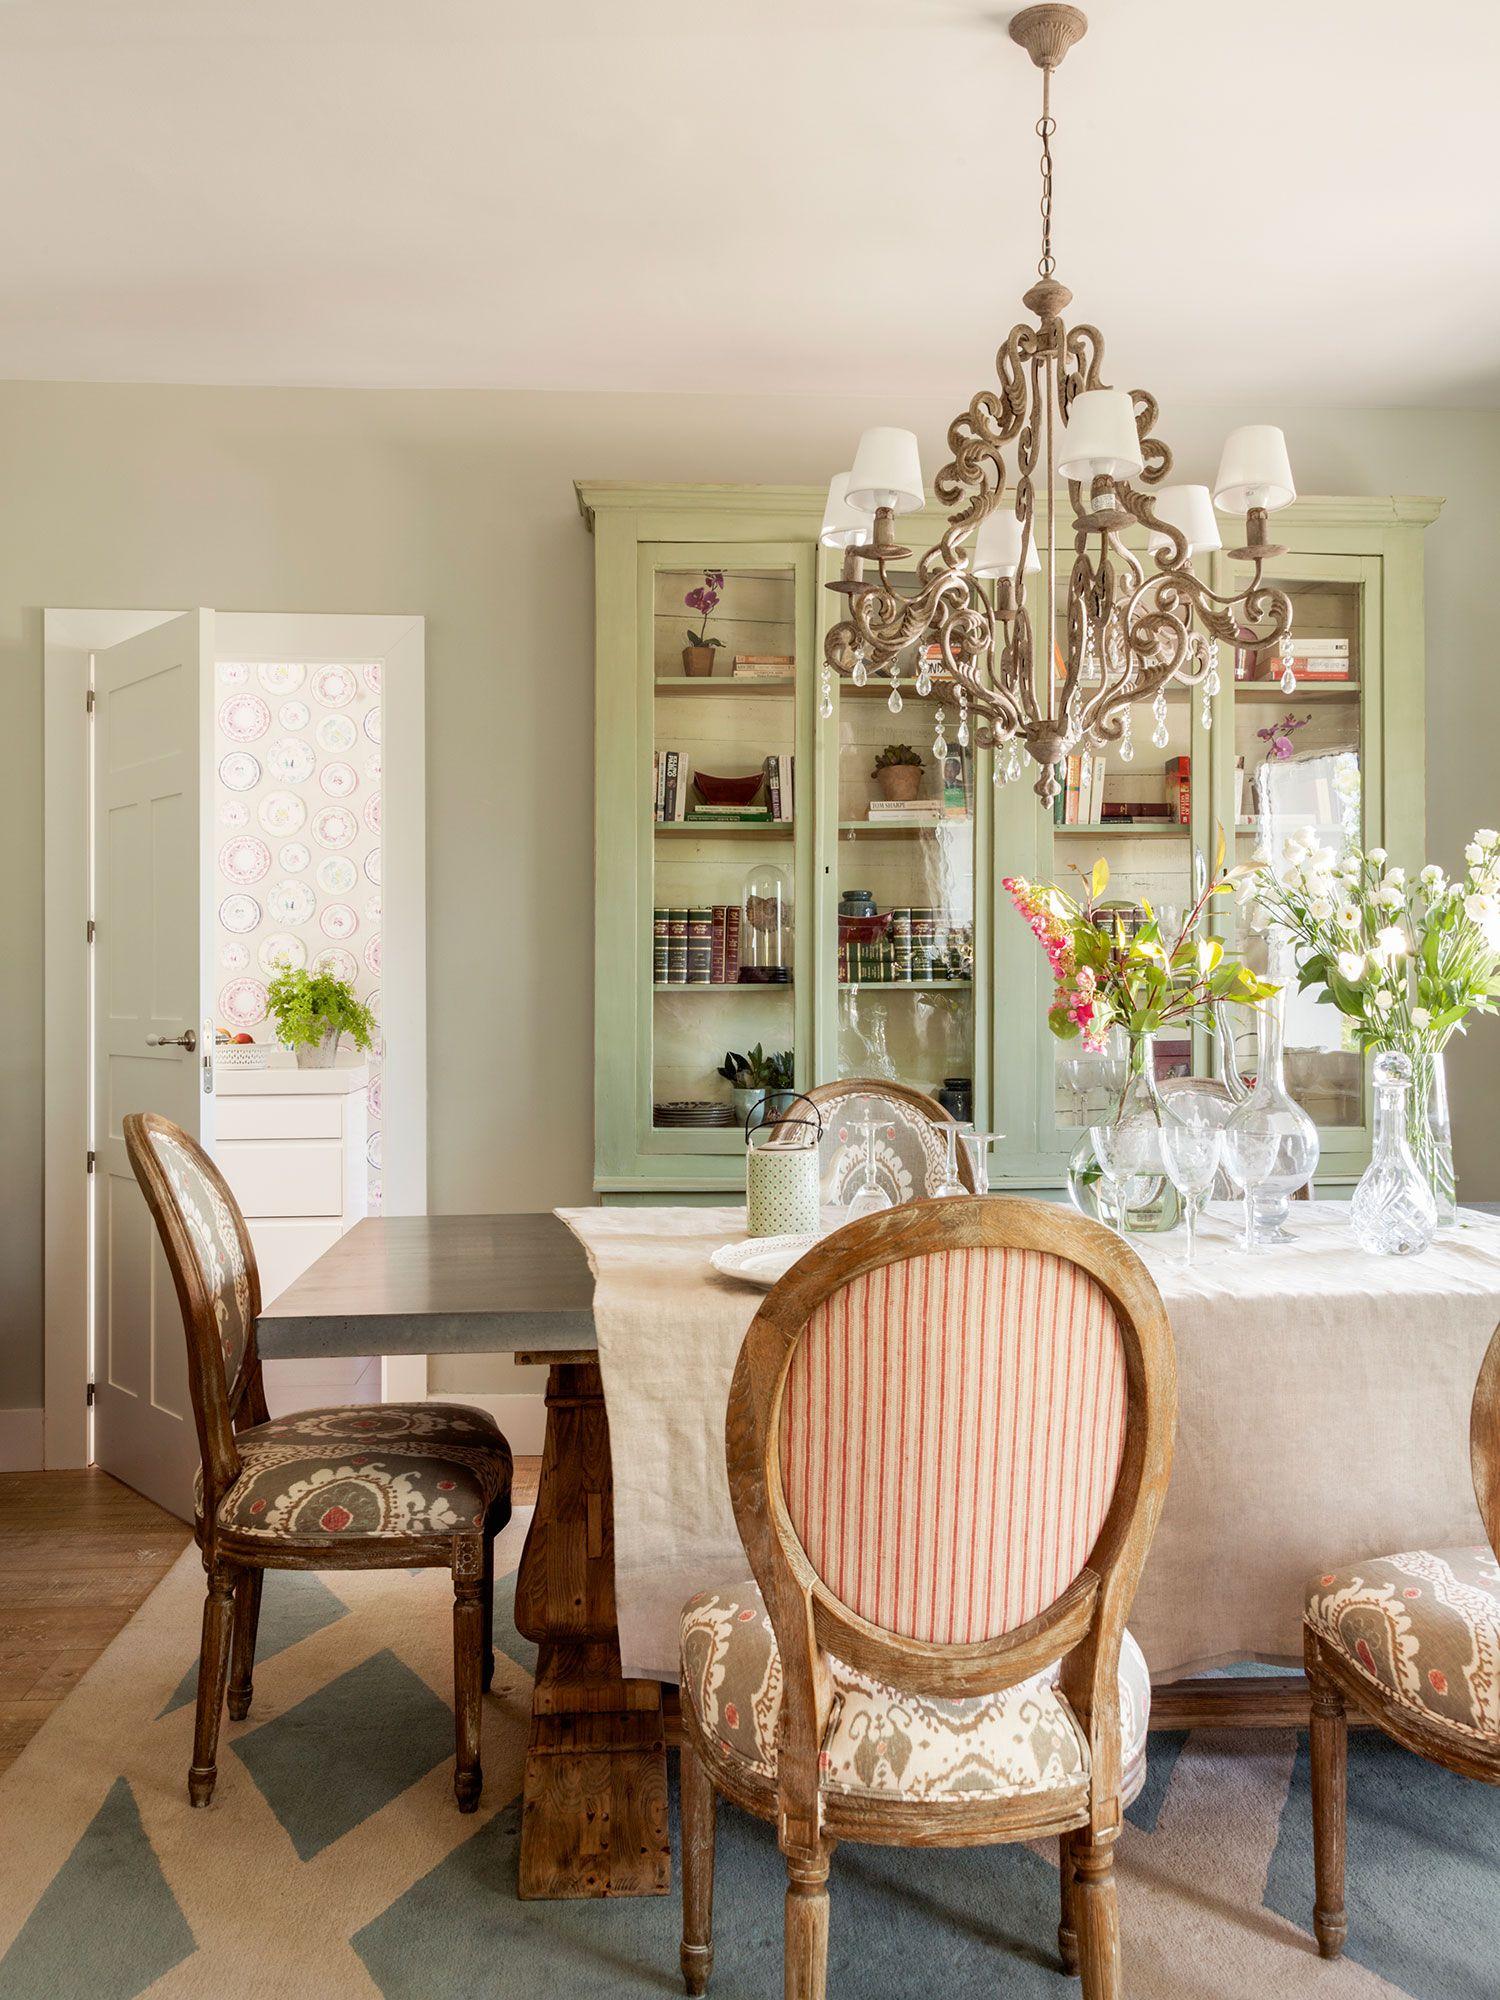 Comedor con sillas clásicas tapizadas con estampados y librería al fondo